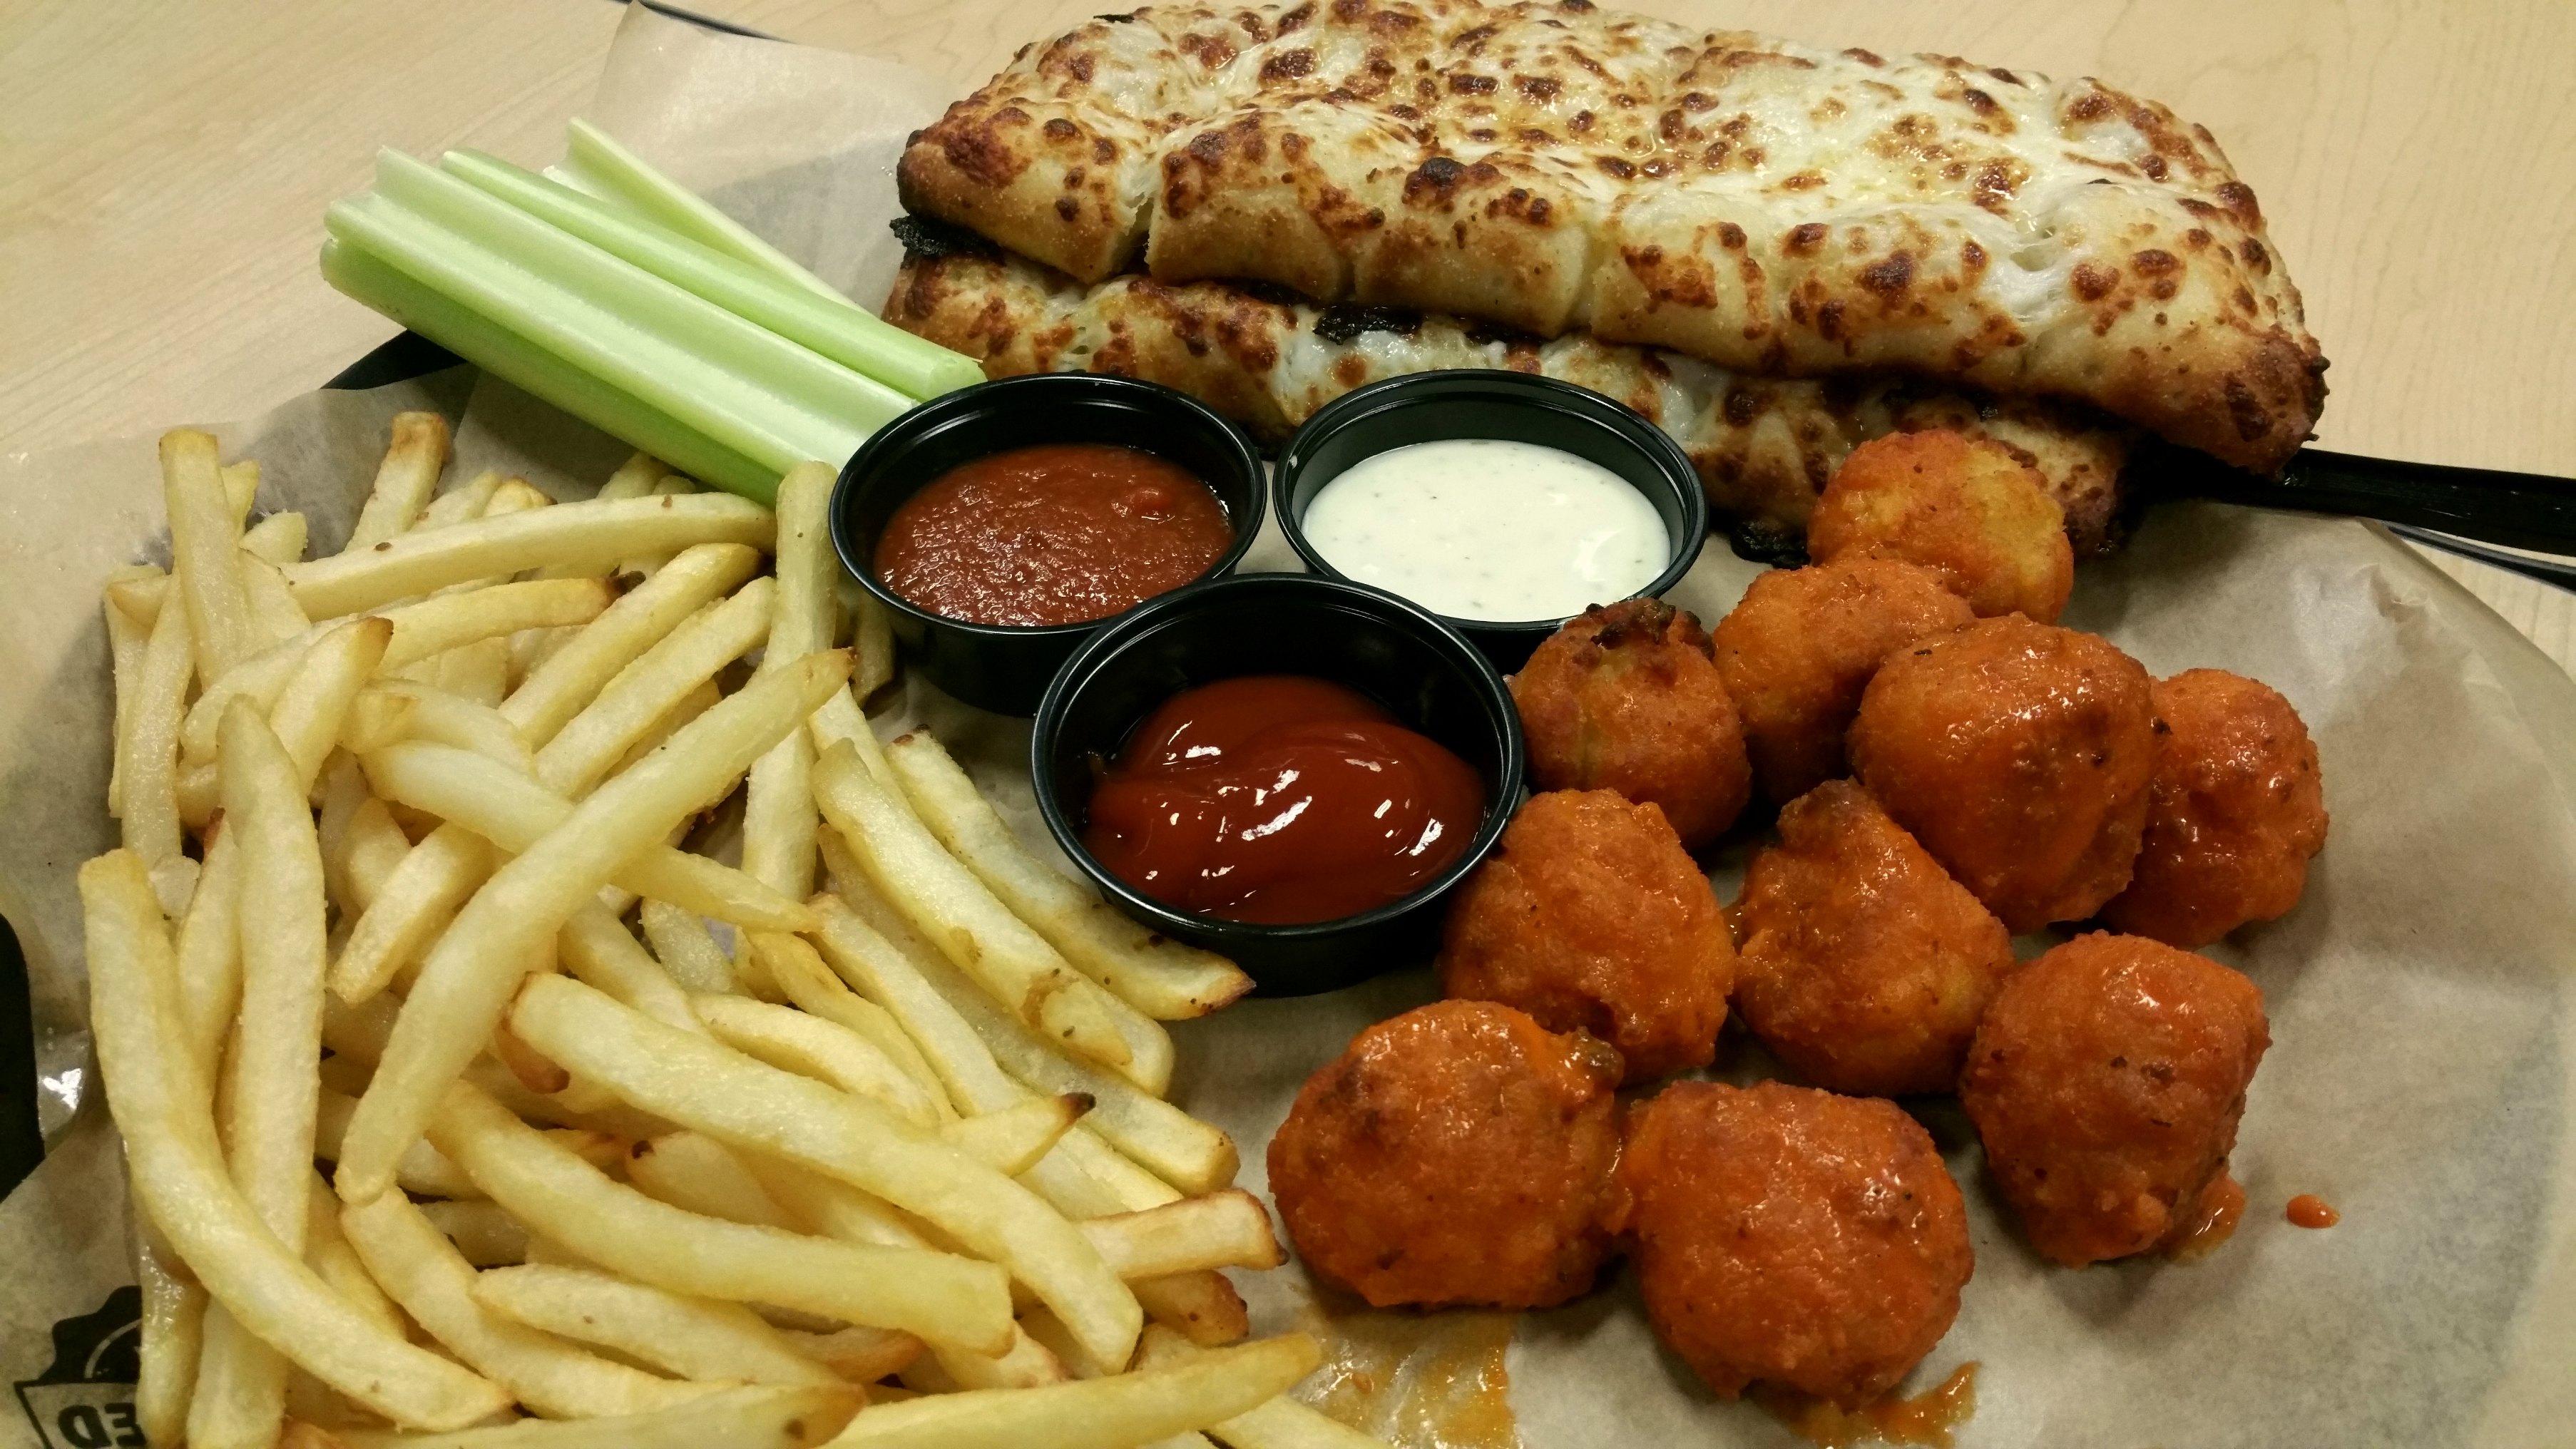 food at chuck e cheese